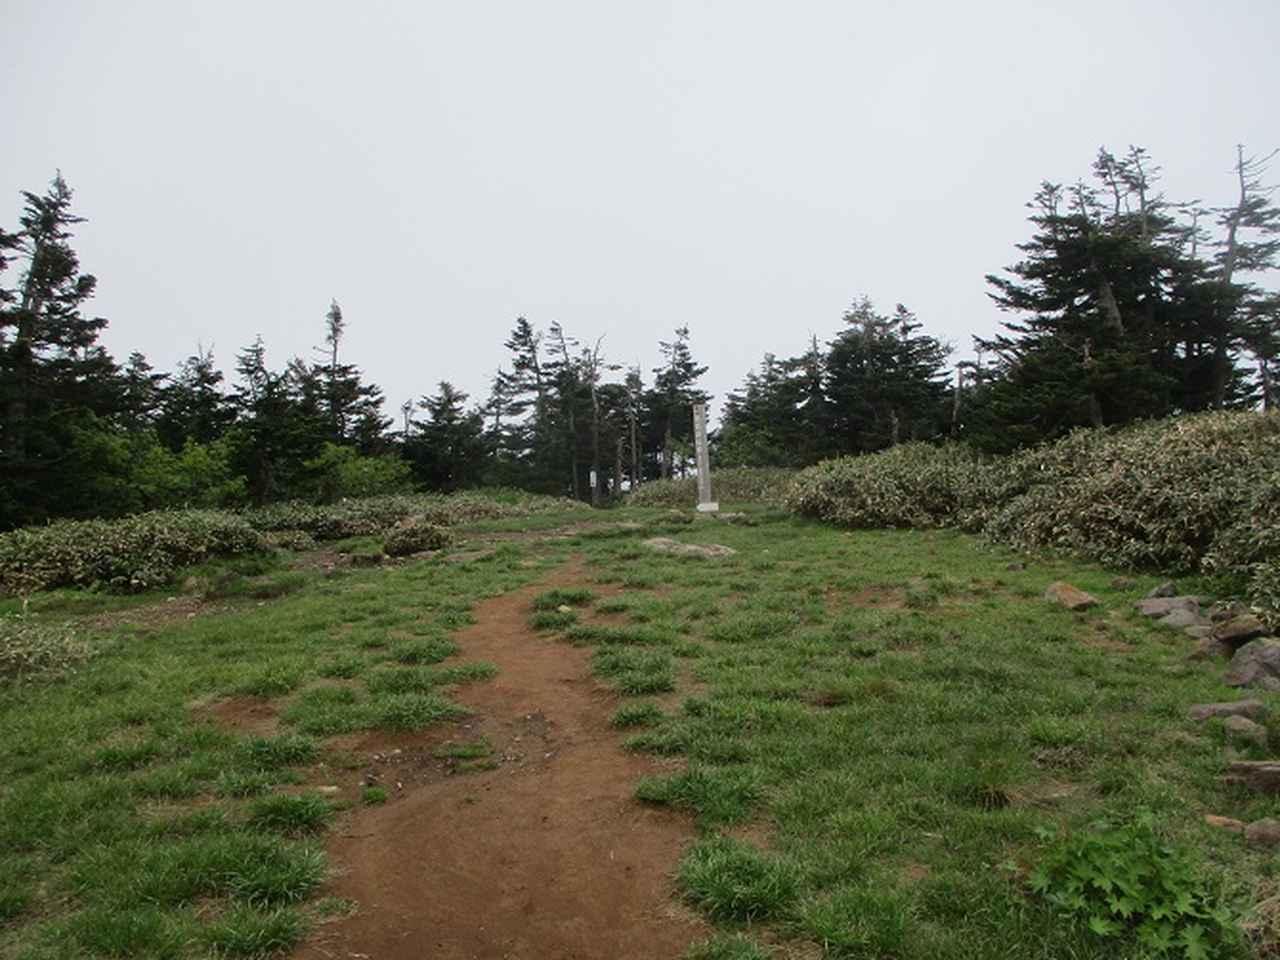 画像11: 7月の山旅会 「苗場山」 ツアーの下見にいってきました!